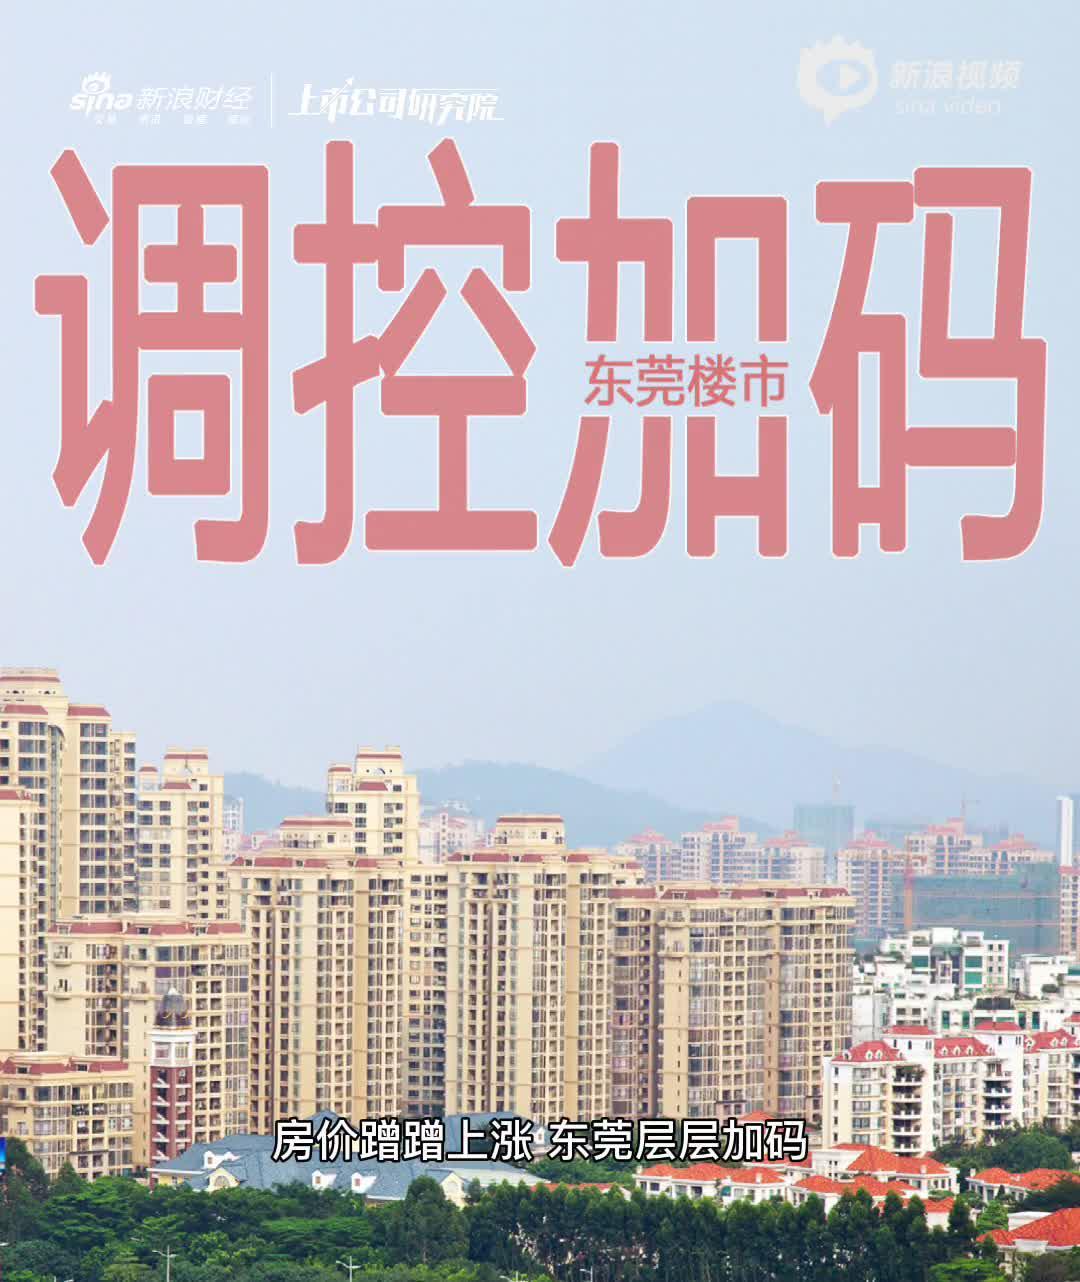 2分钟读财报|东莞房市限购升级 深圳效应曾刺激房价短期快涨